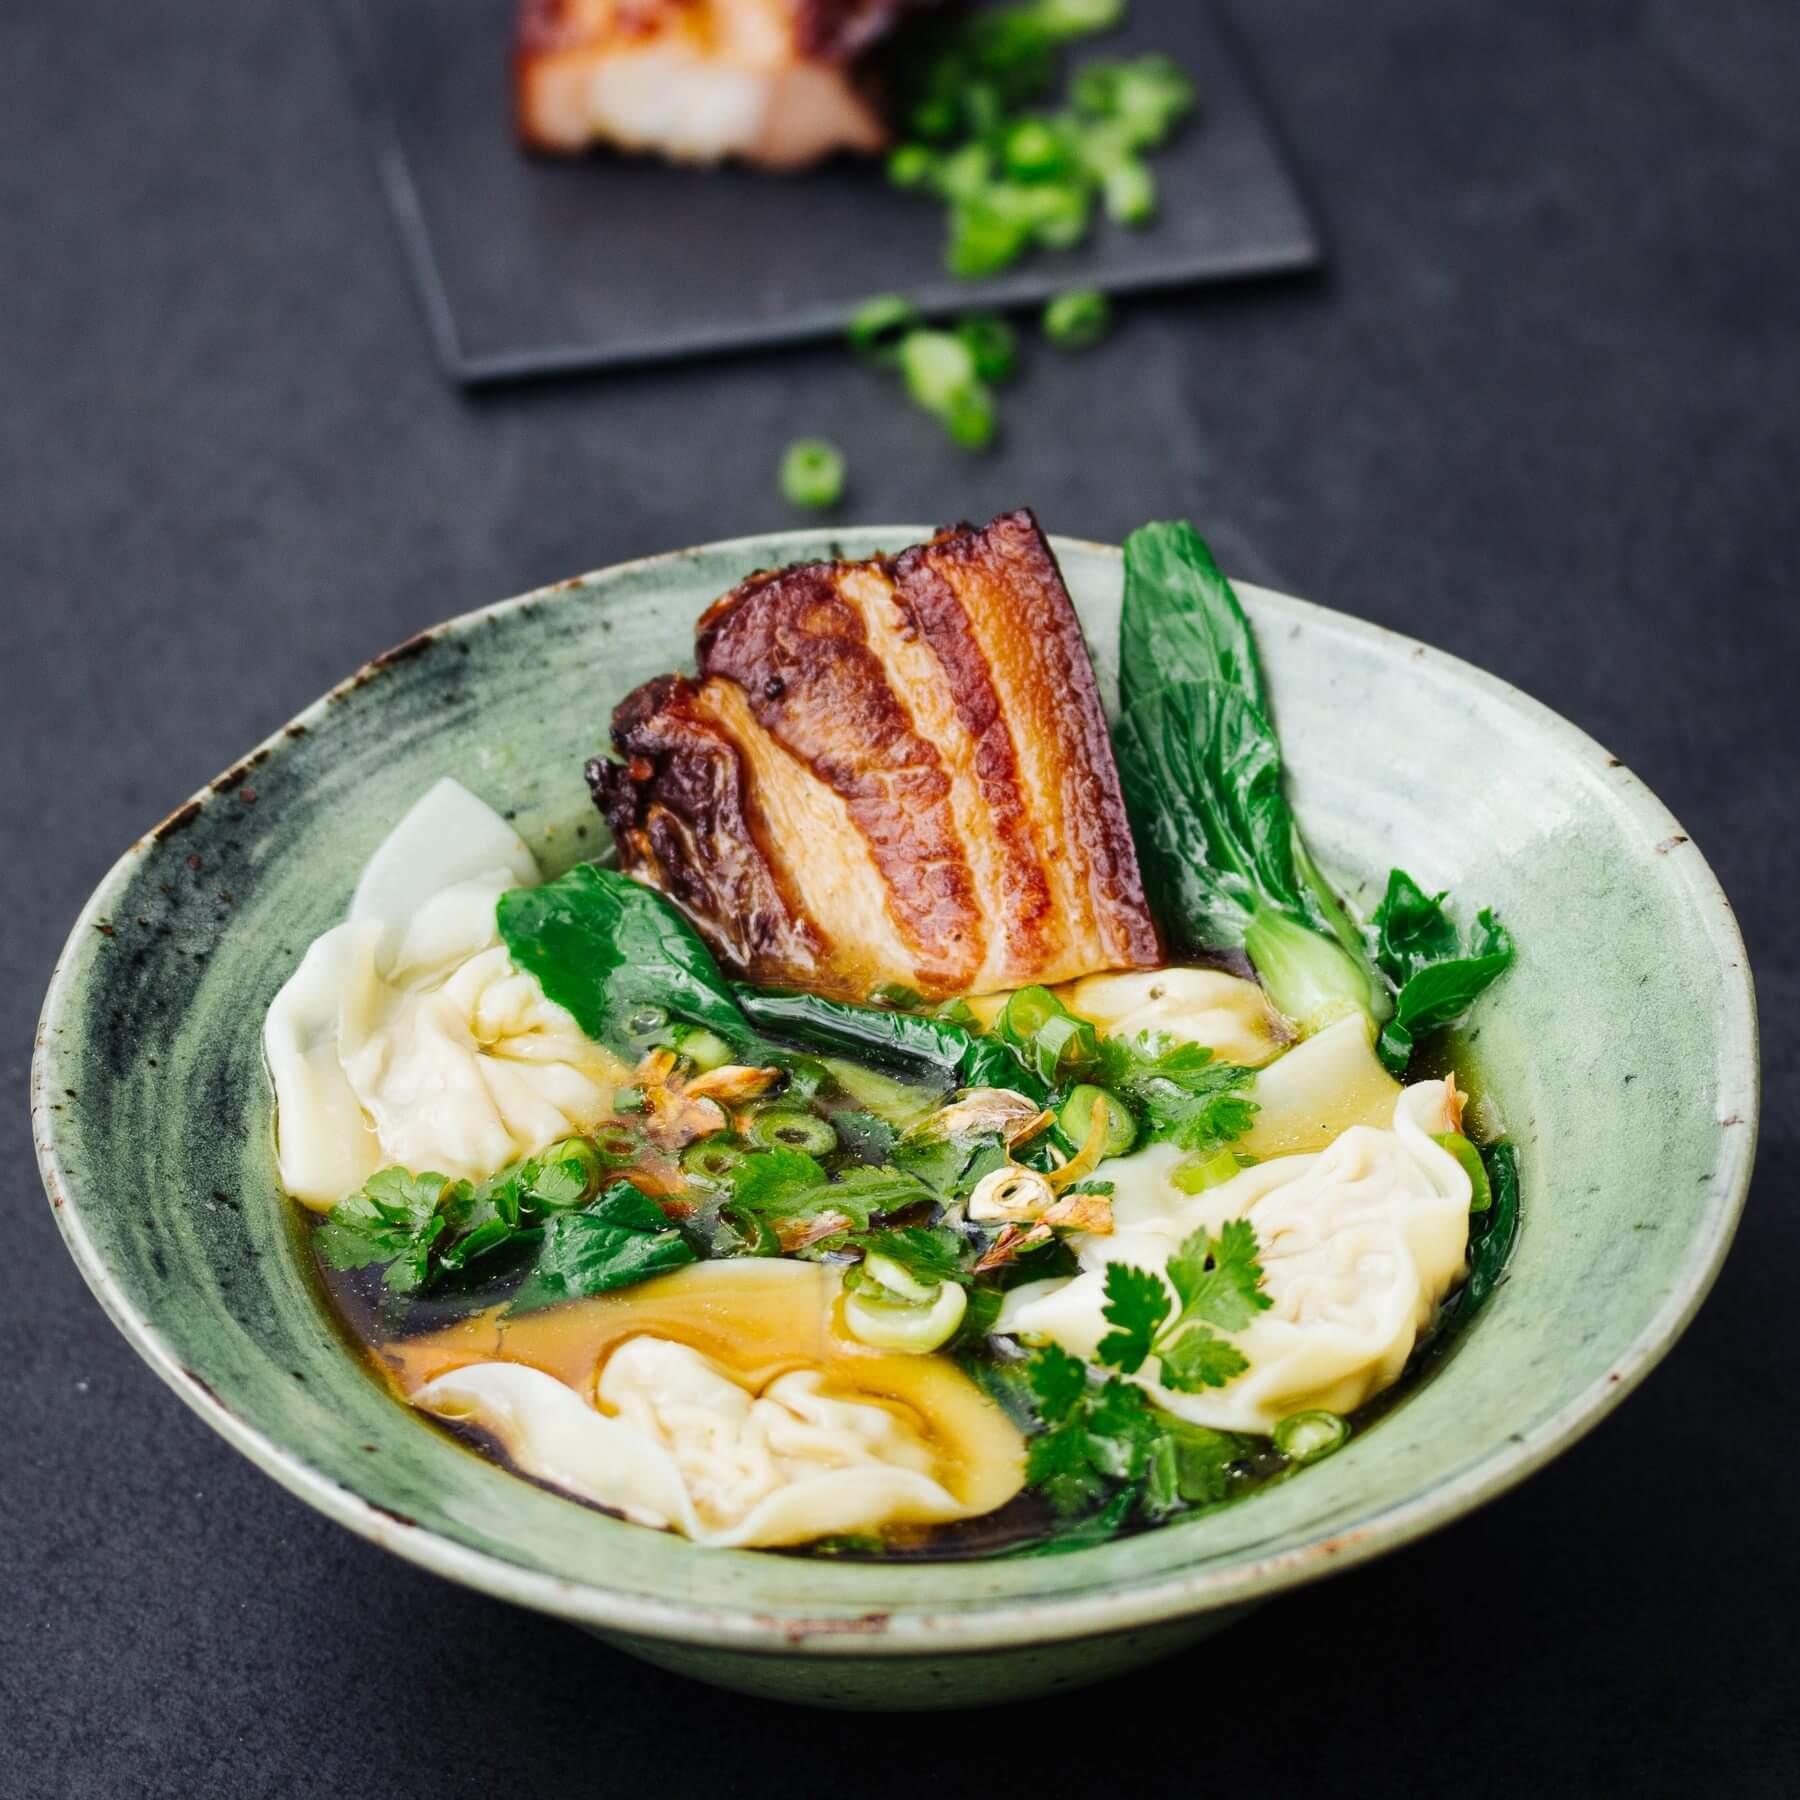 Wan Tan Suppe mit gegrilltem Schwein - Hun Dun Tang